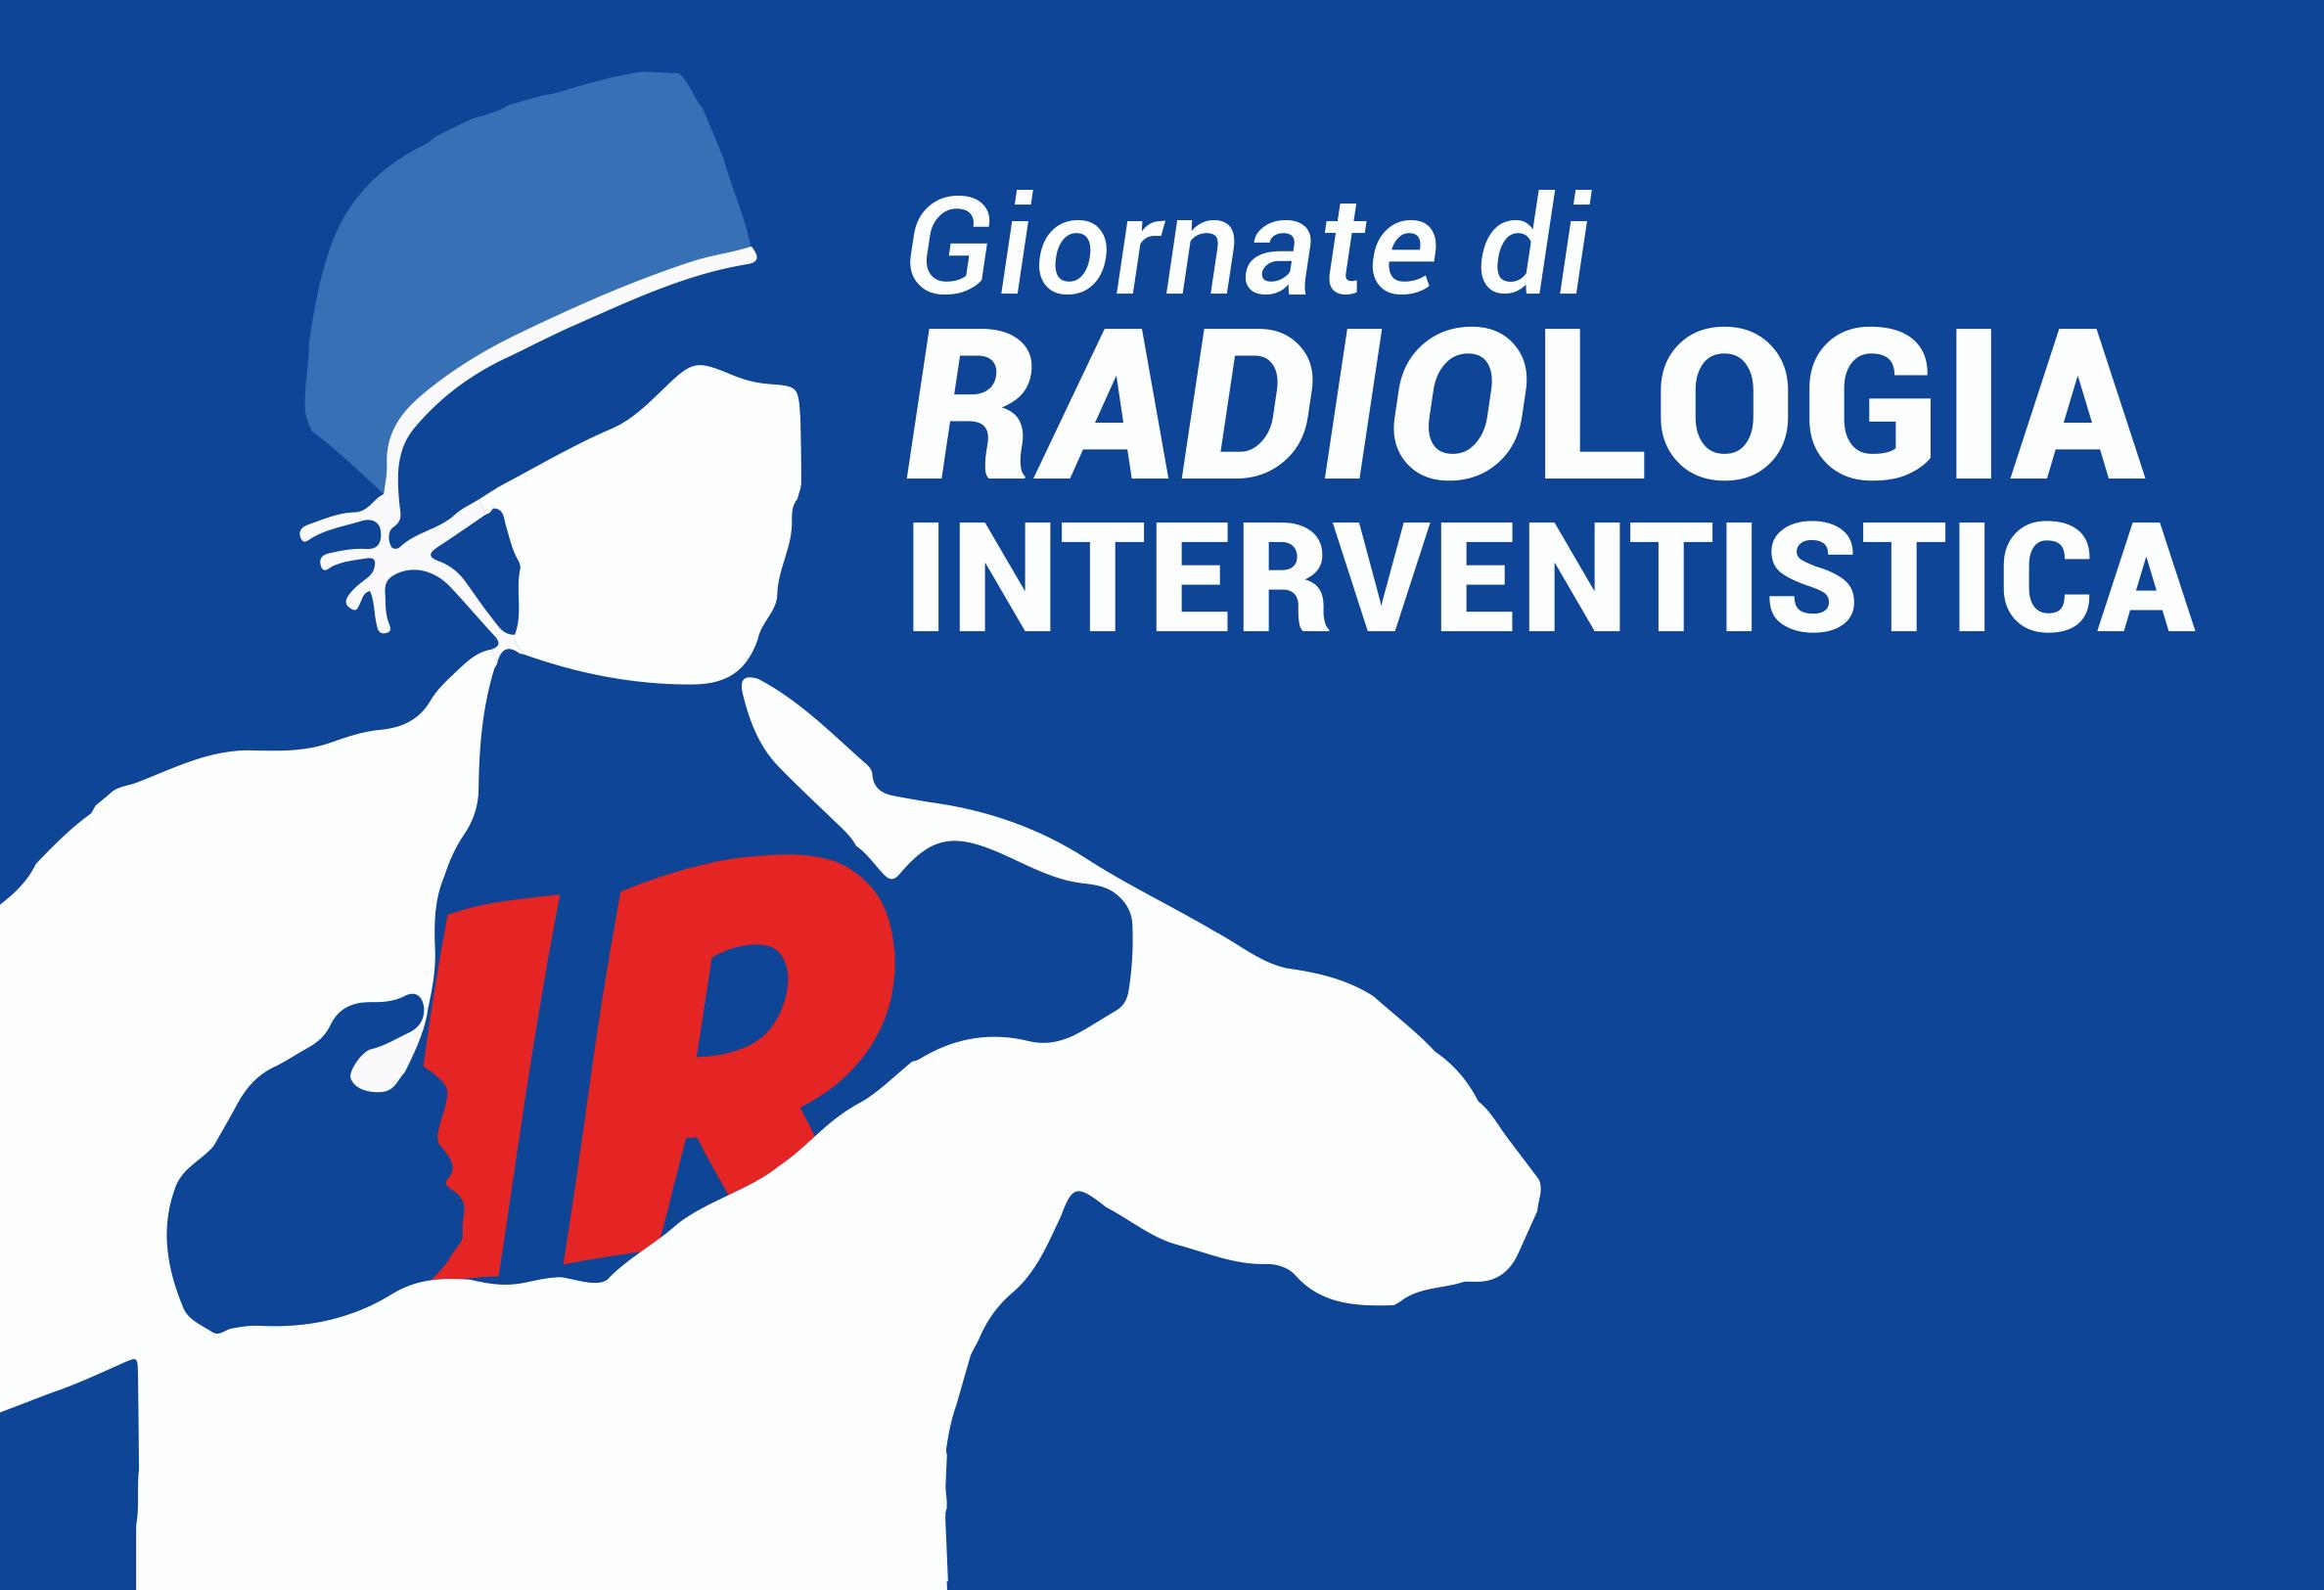 Giornate di Radiologia Interventistica 2018